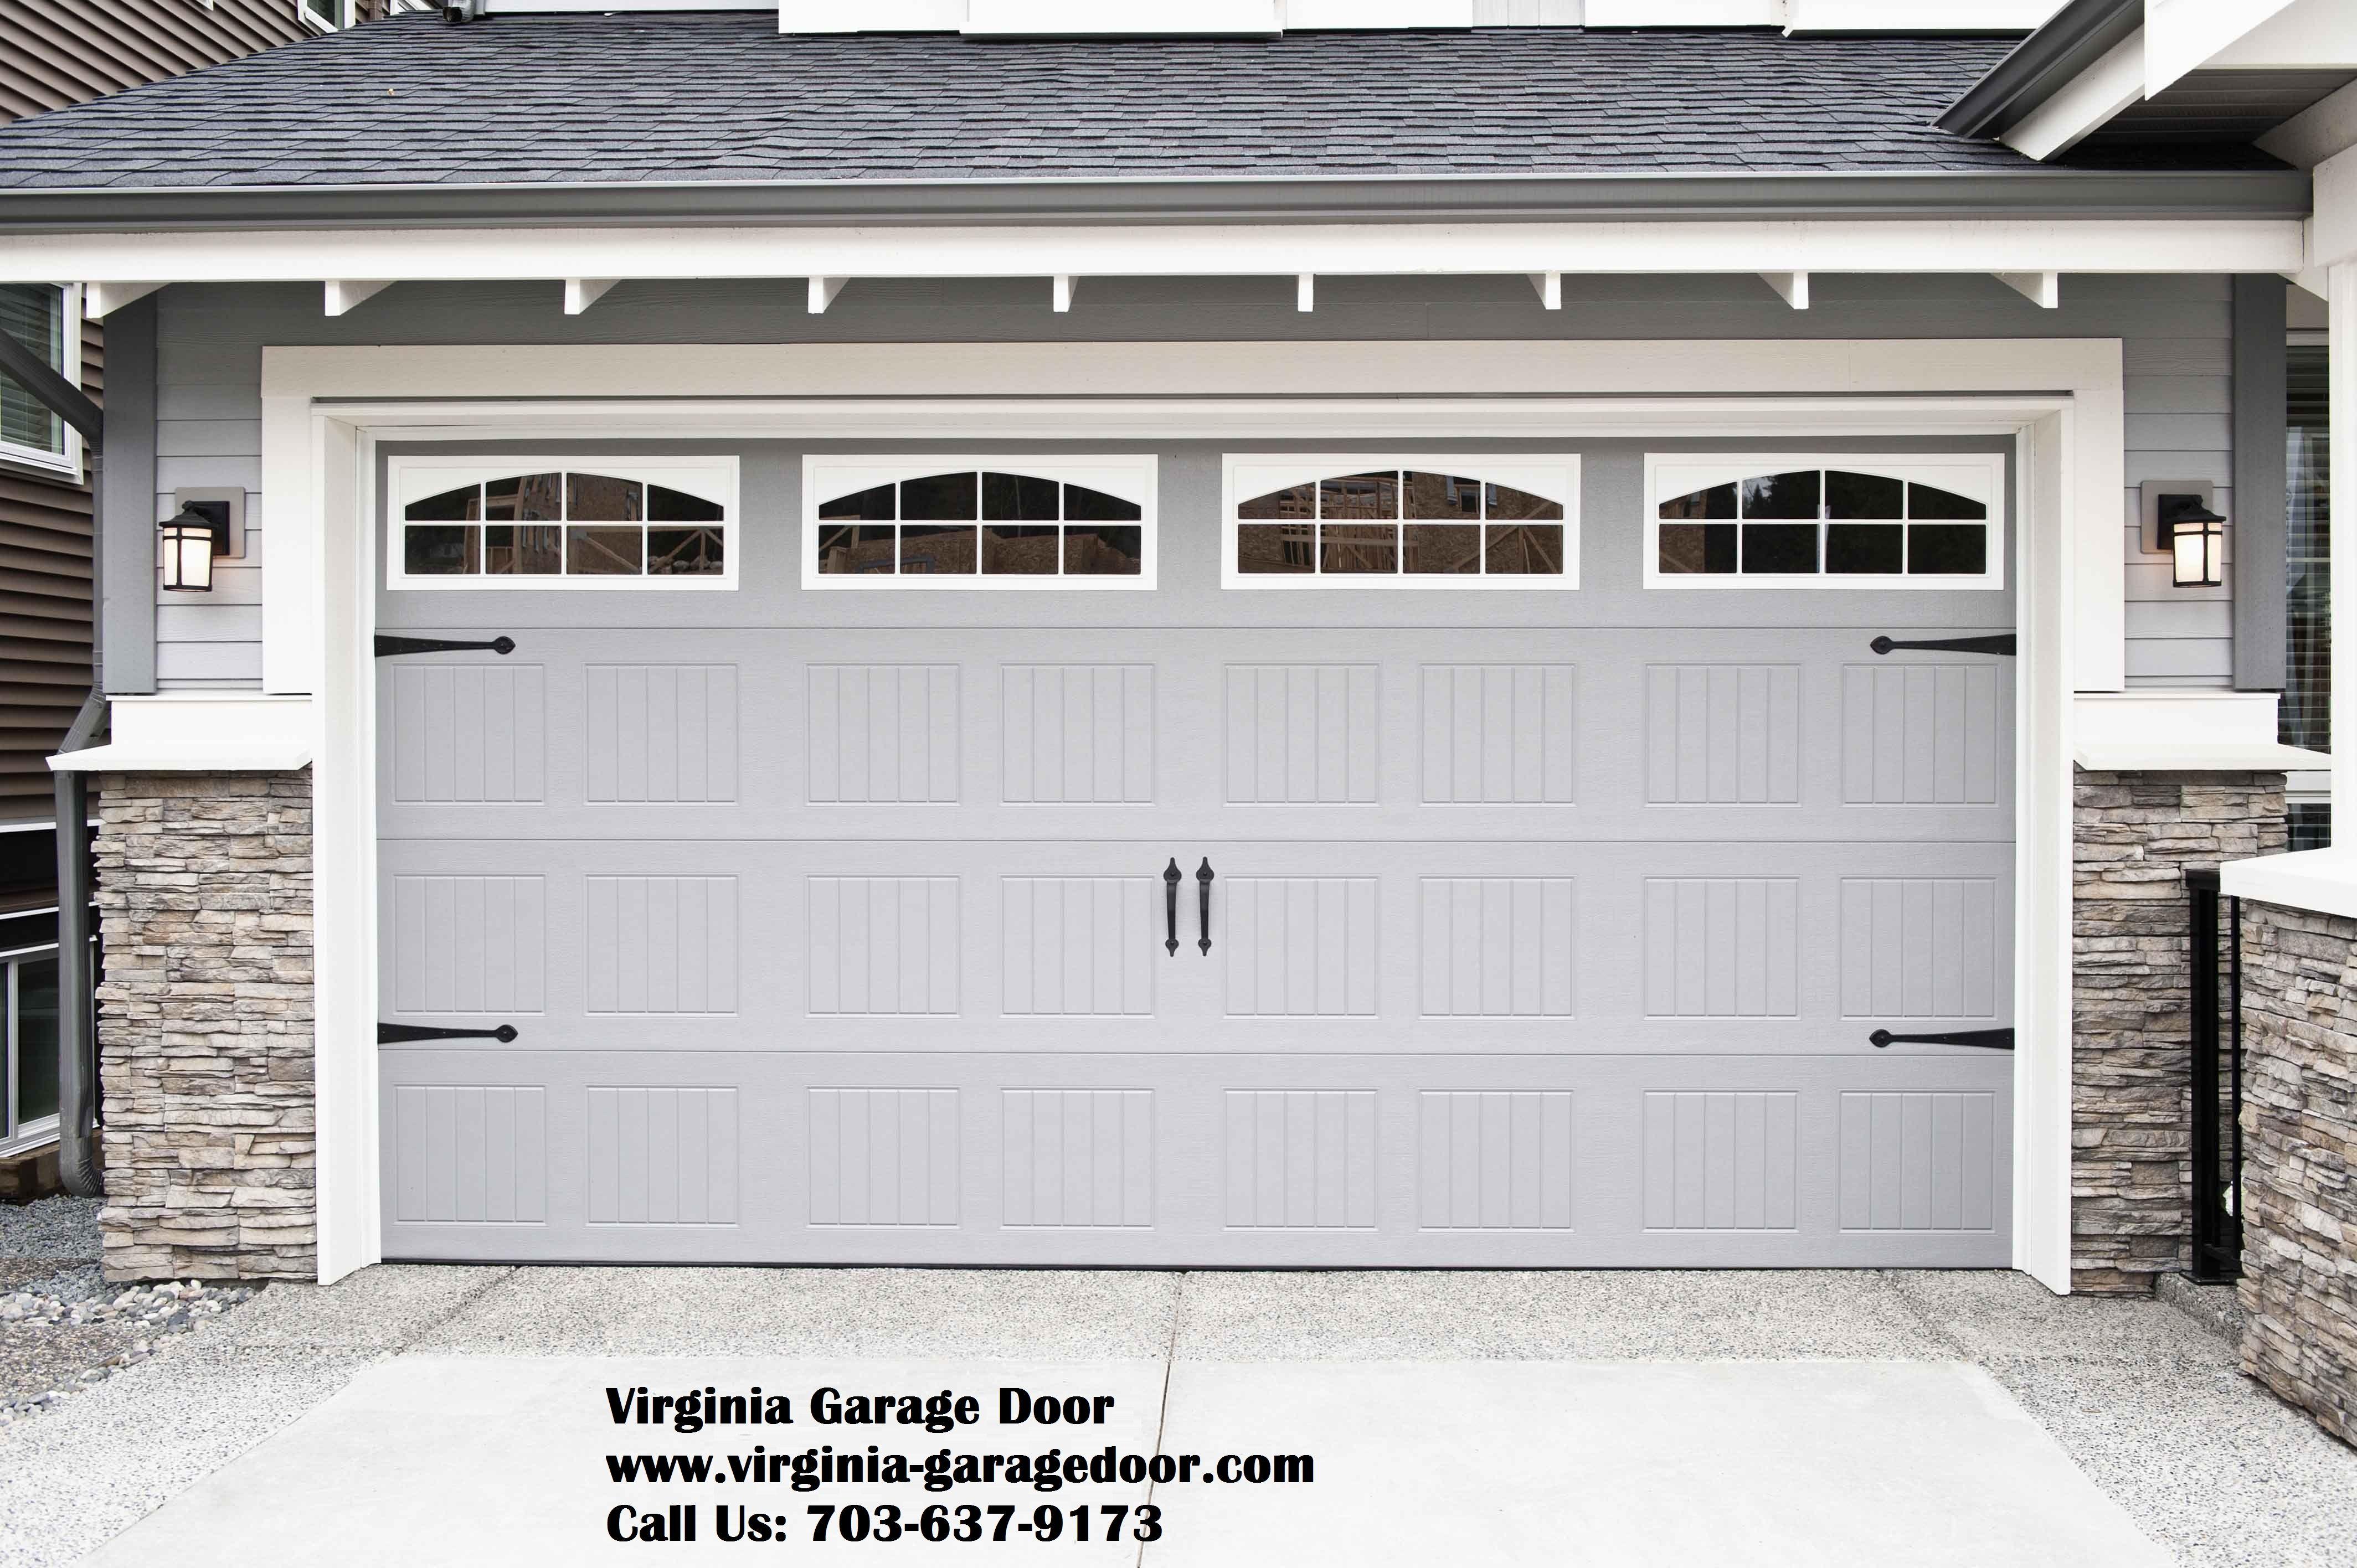 For Best Quality Garagedoor Repair In Loudon Virginia Garage Door Can Be Called On 703 637 9173 T Garage Doors Garage Door Company Residential Garage Doors